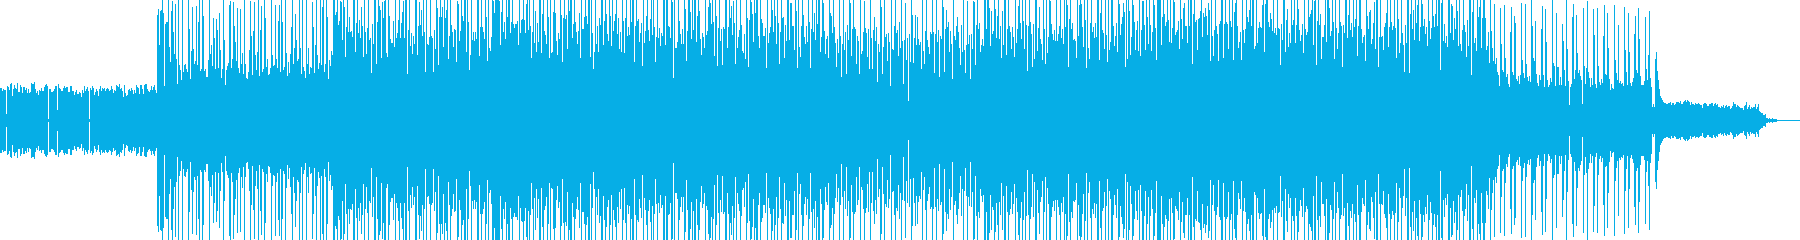 カッコイイ現代的なロックミュージック03の再生済みの波形